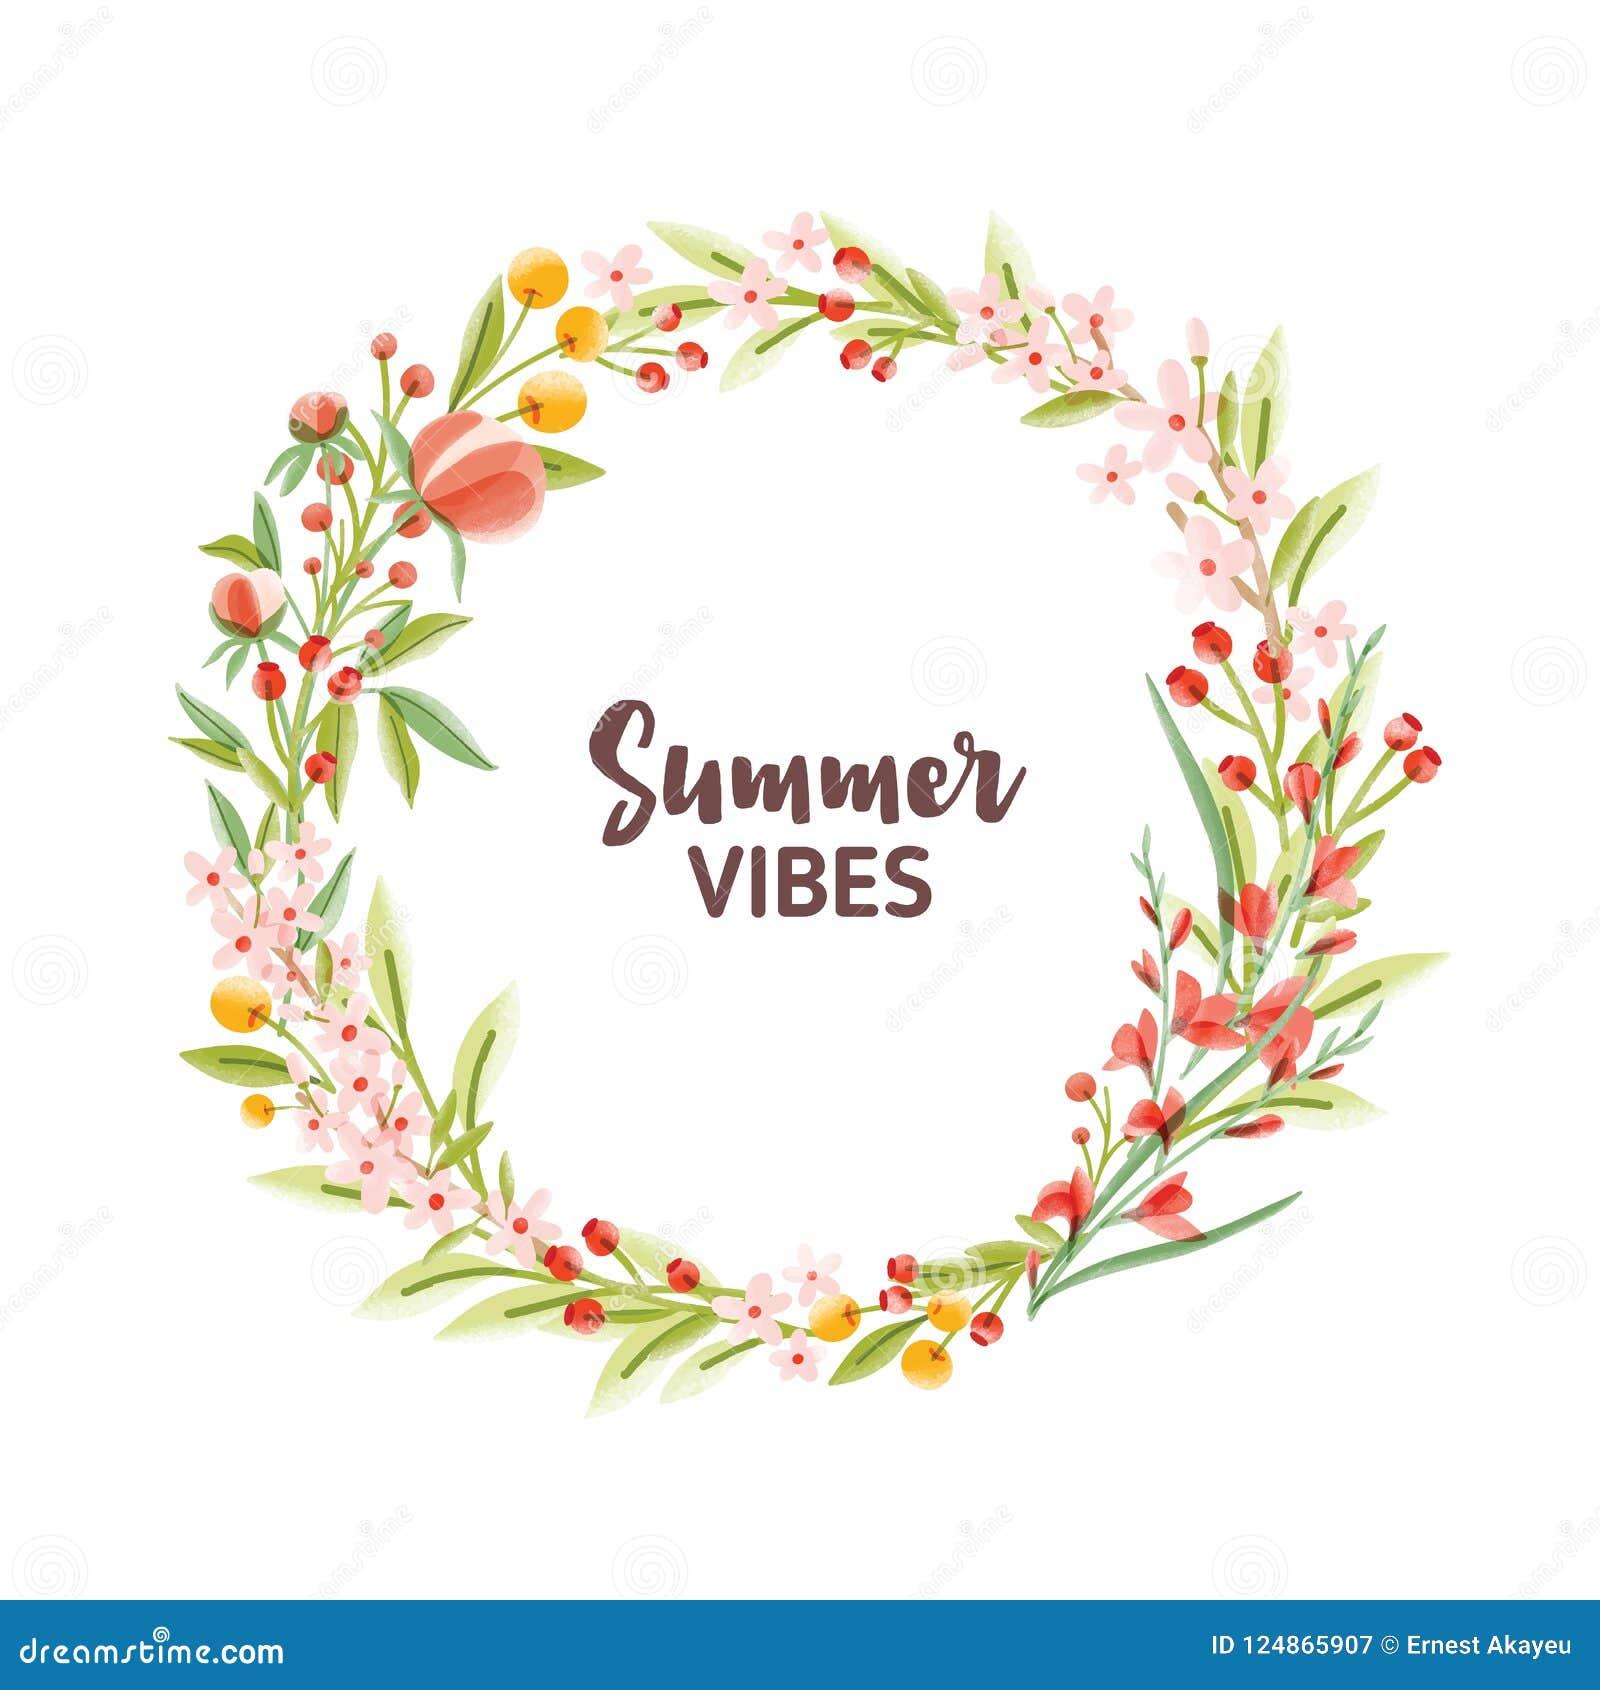 Cadre, guirlande, guirlande ou frontière circulaire faits de fleurs, baies et feuilles et été saisonniers de floraison colorés